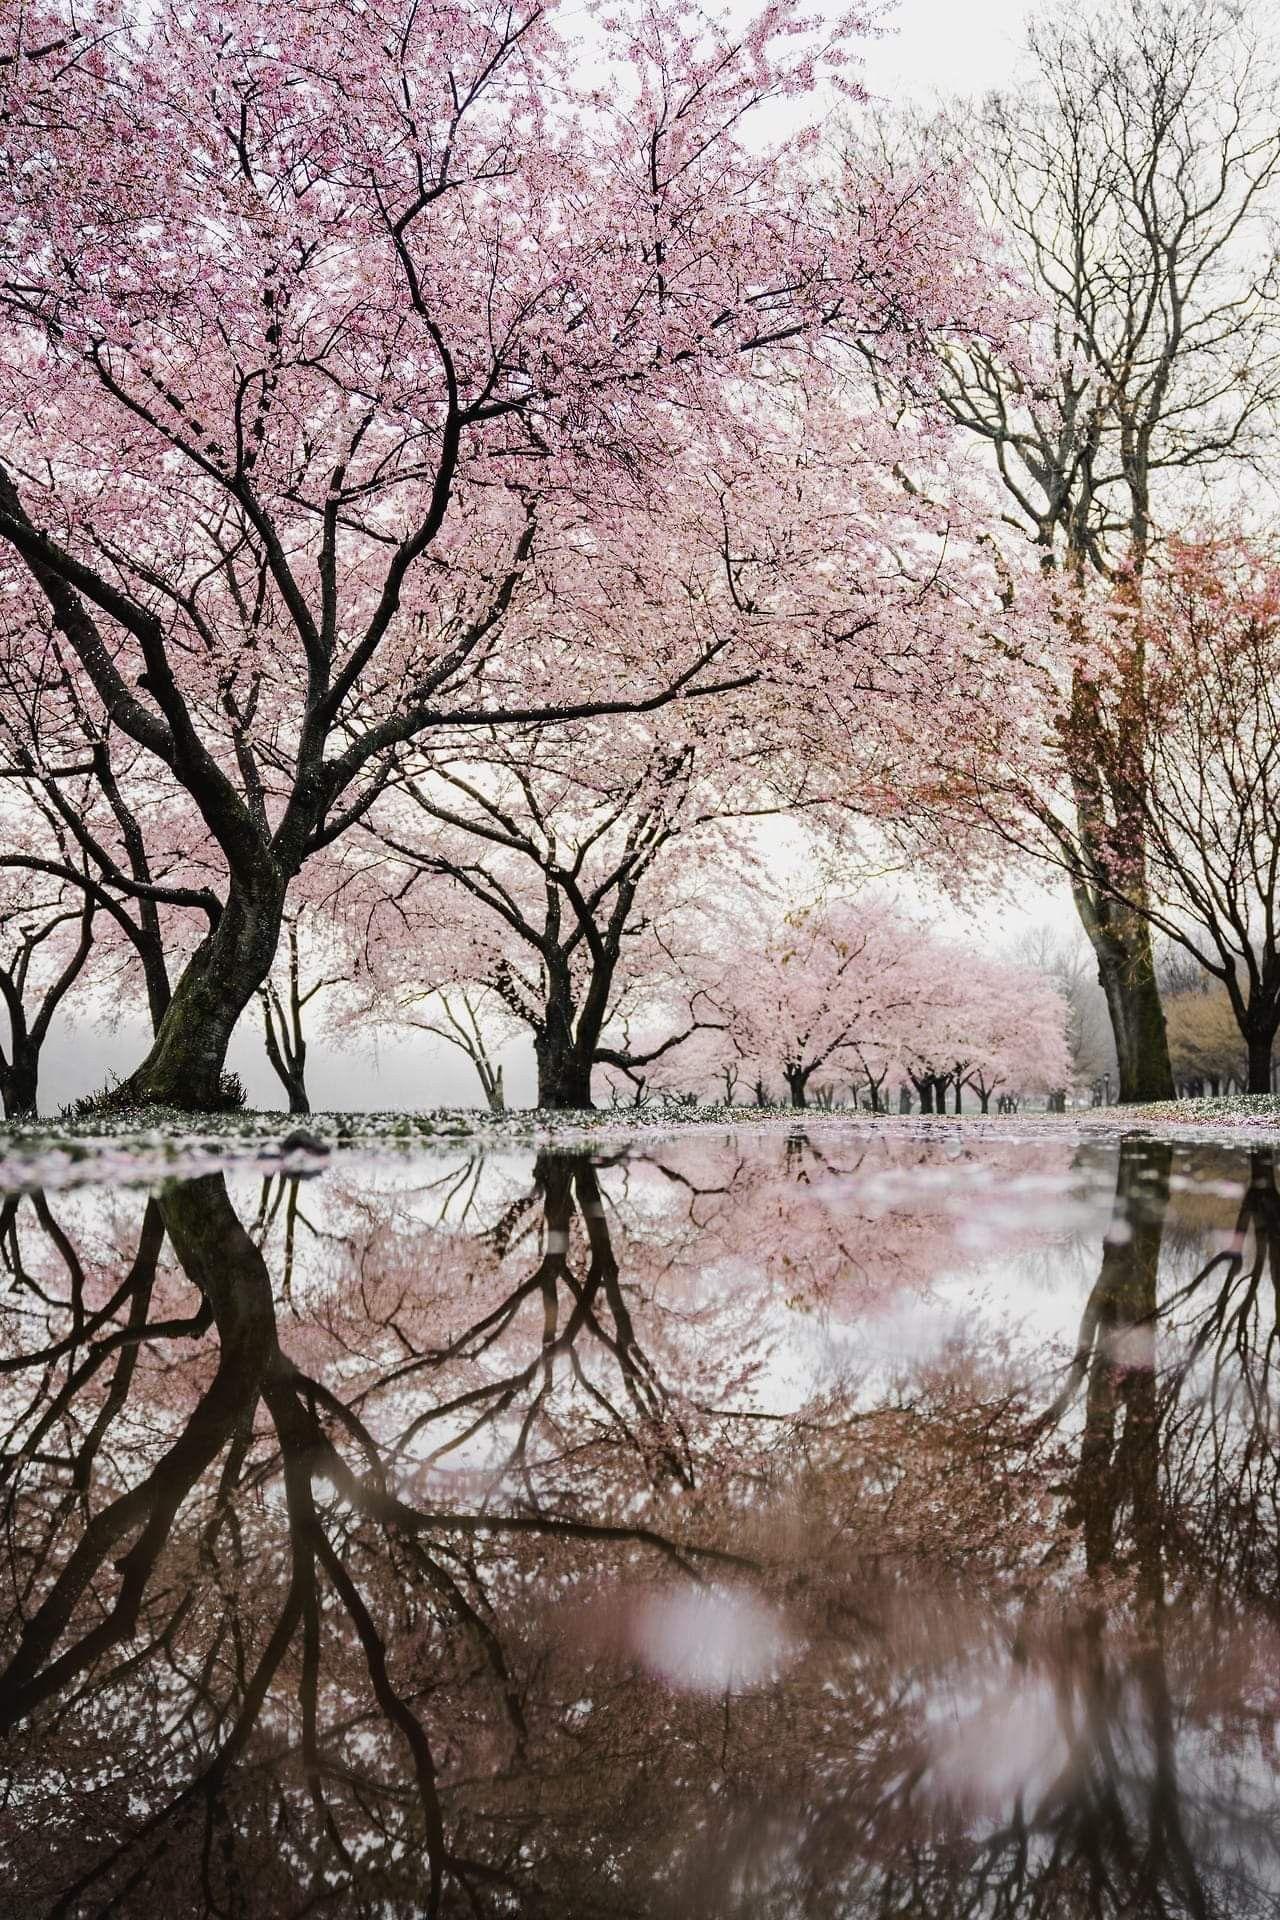 Pin By Sam Moran On Beautiful Places Sakura Tree Blossom Trees Cherry Blossom Tree